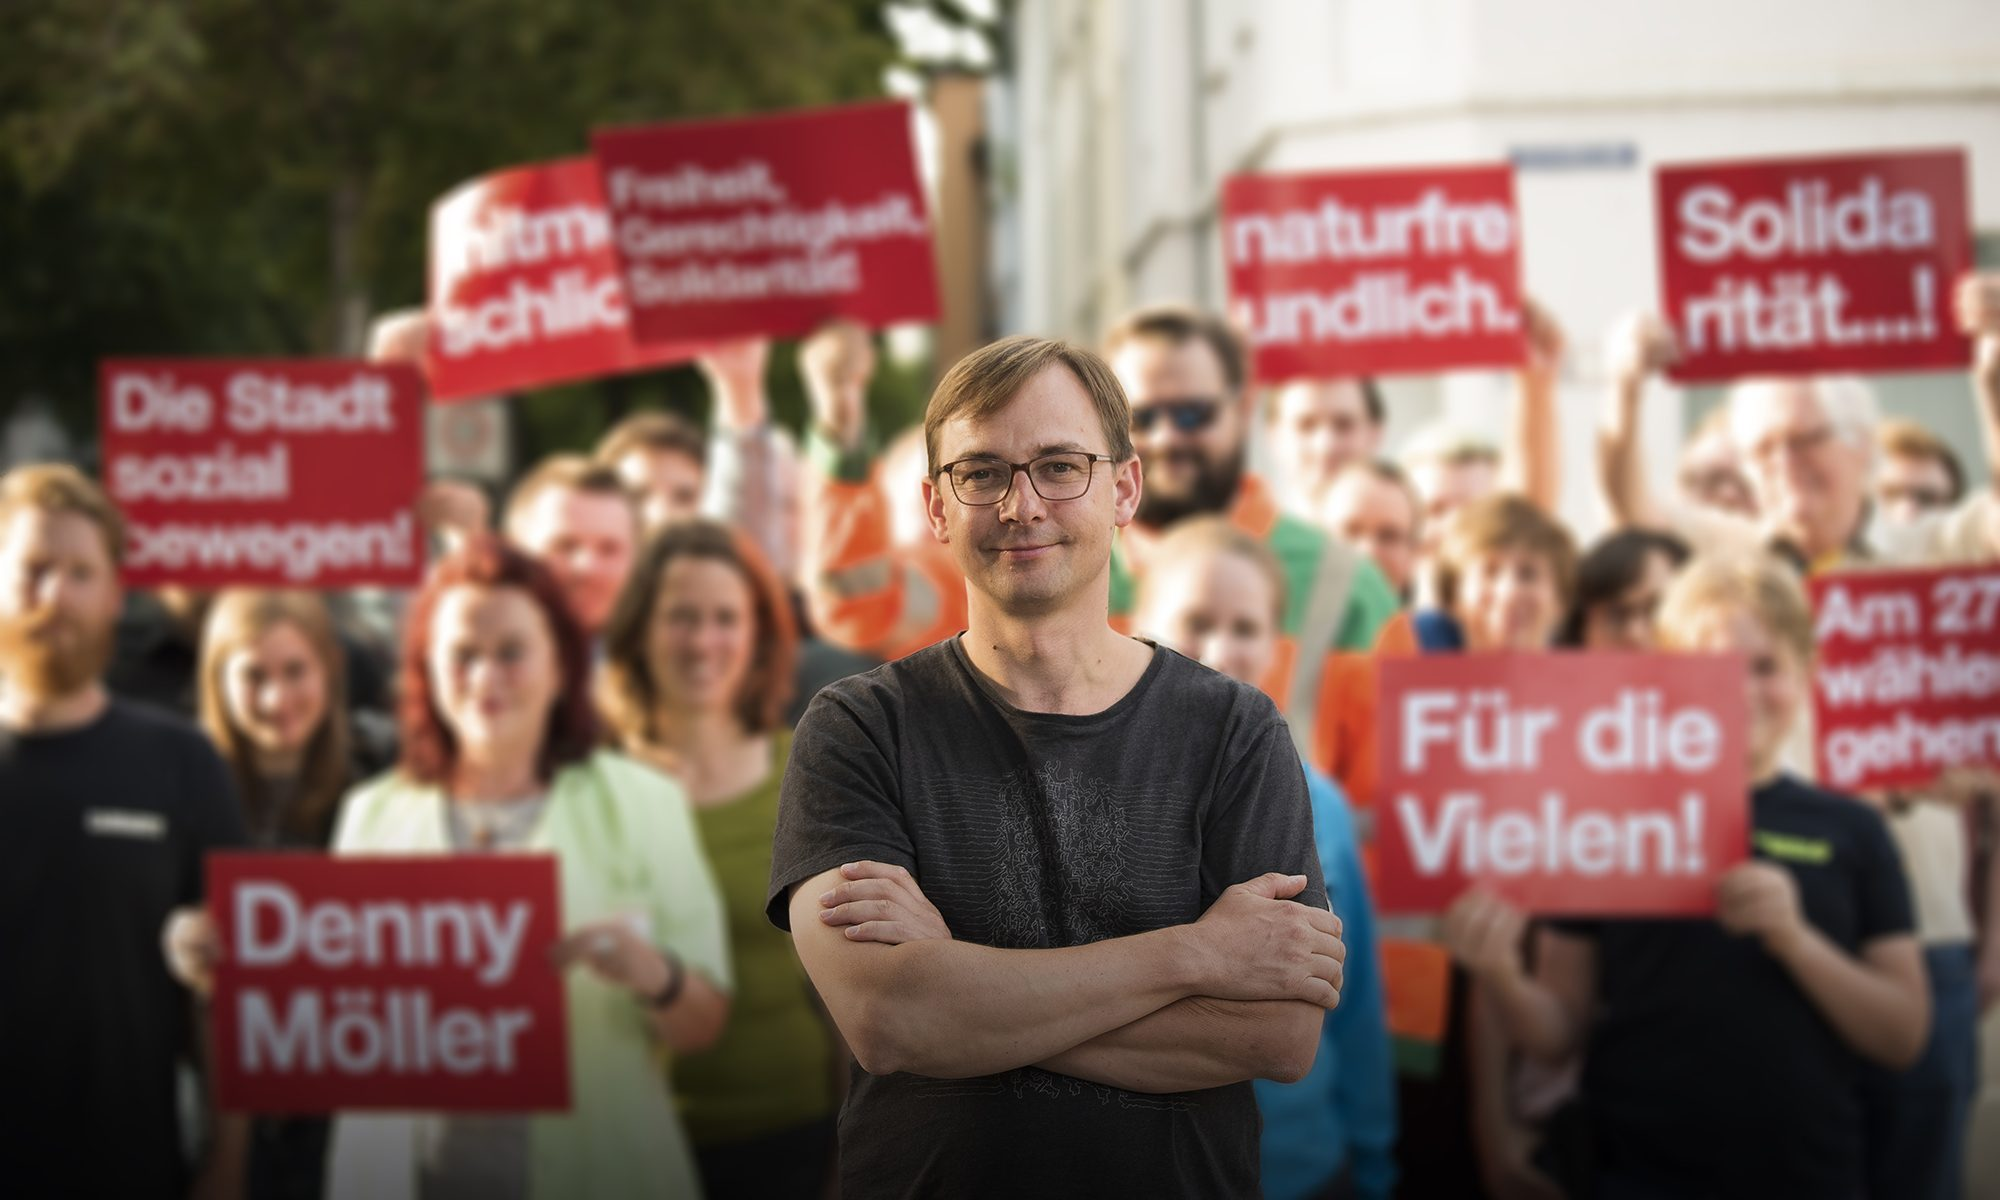 Denny Möller SPD